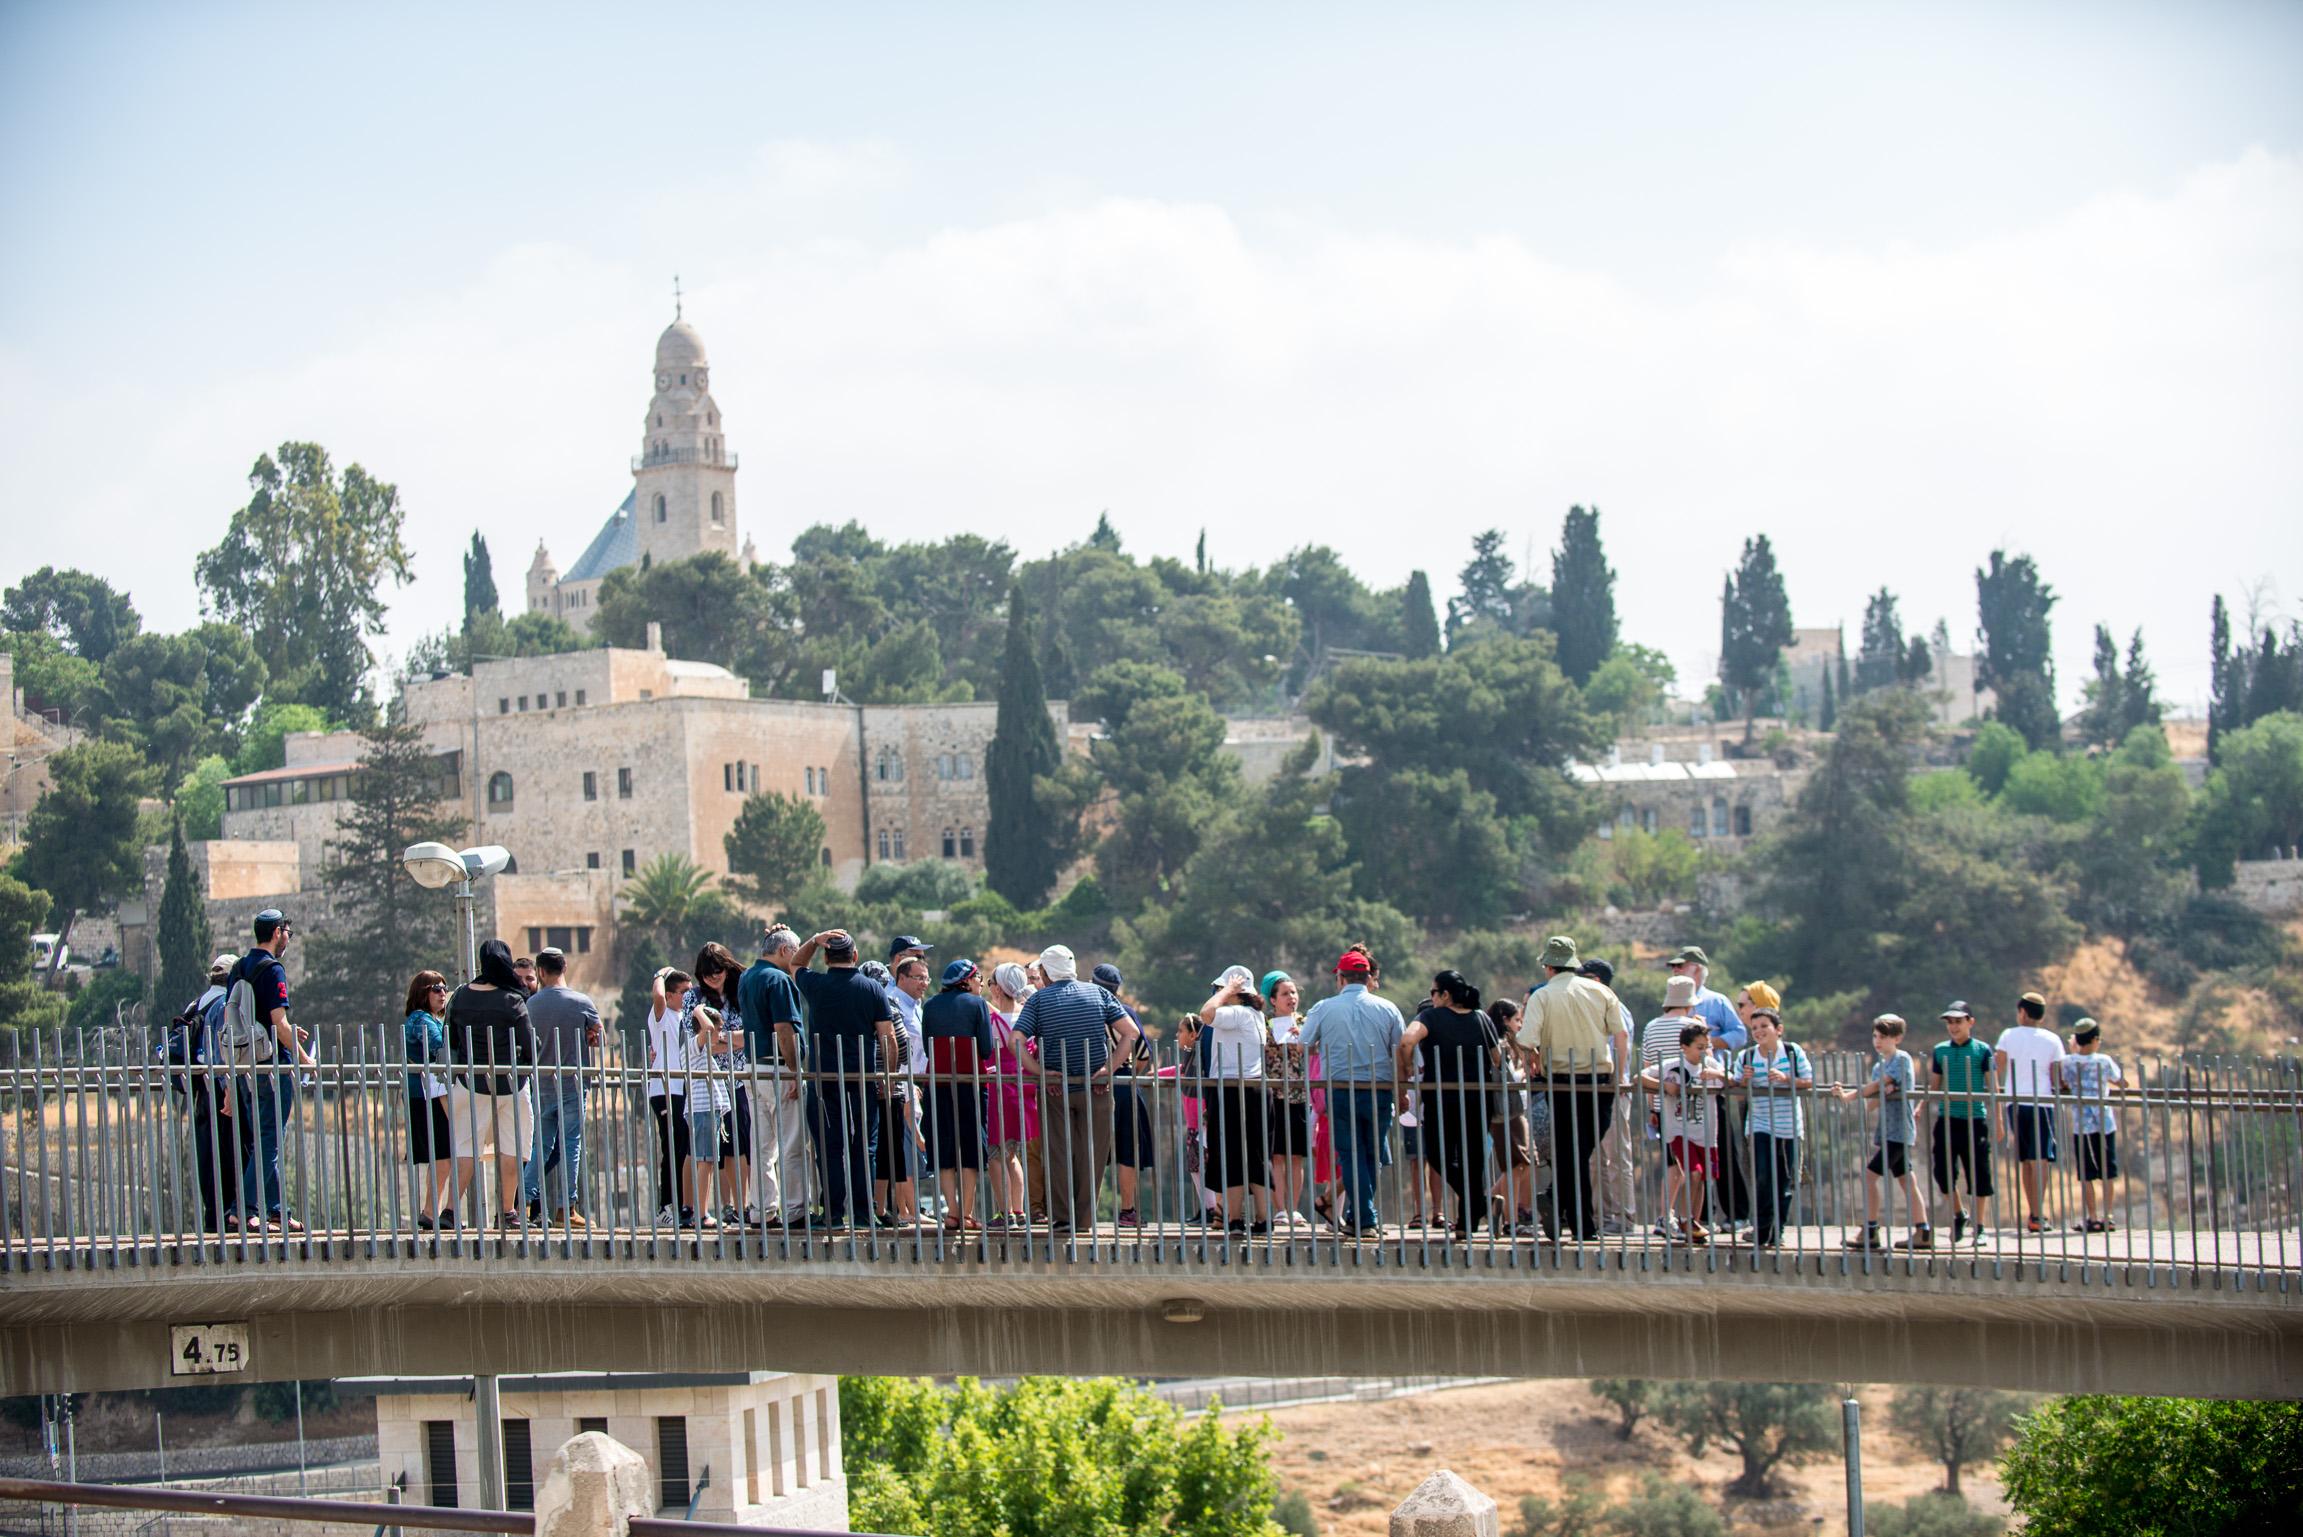 סיורים בירושלים (צילום: אור צפתי)